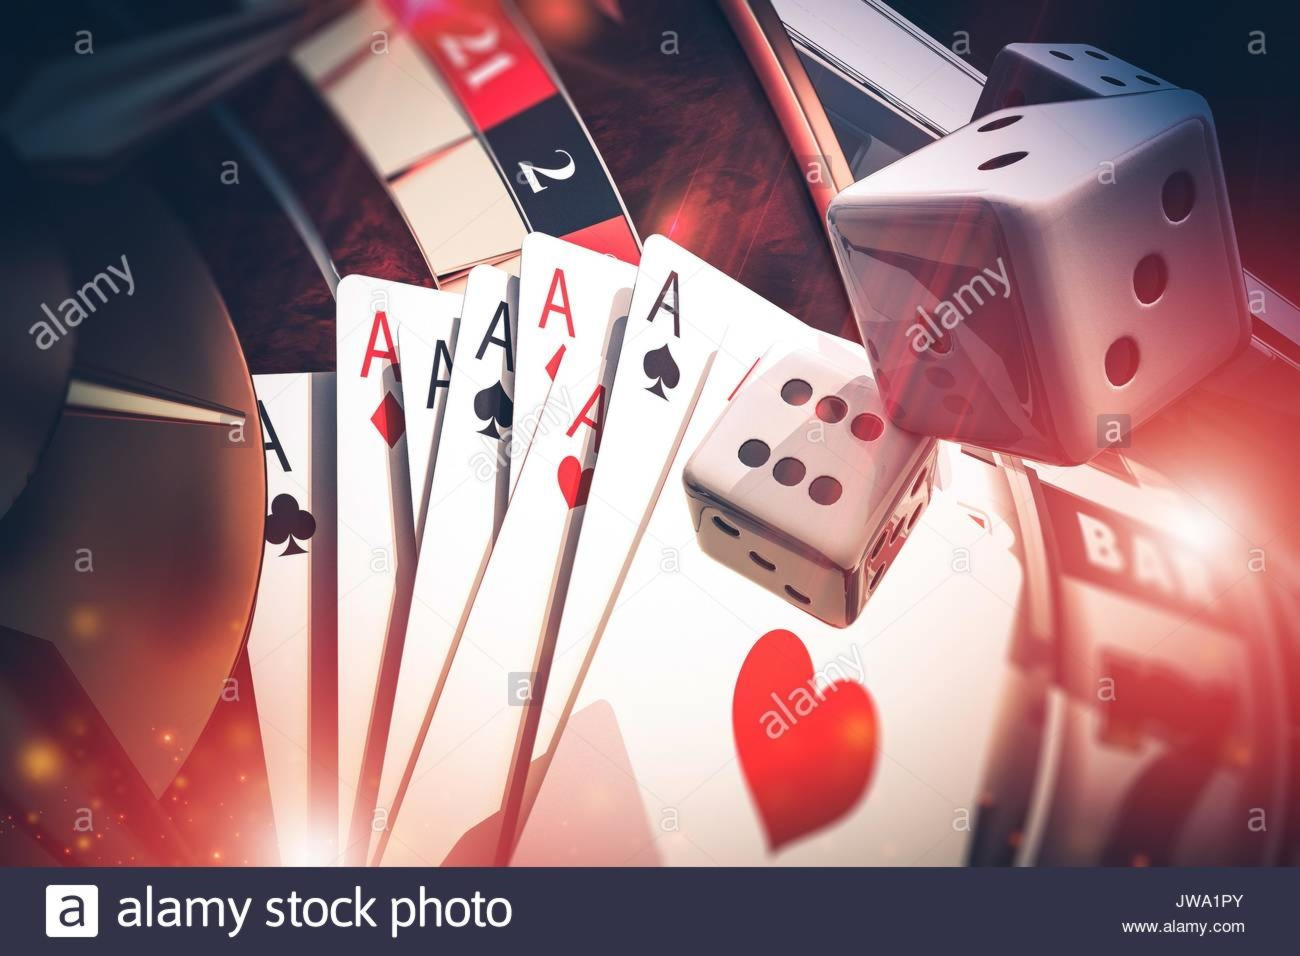 Спартандық слоттардағы EUR 695 онлайн казино сайысы